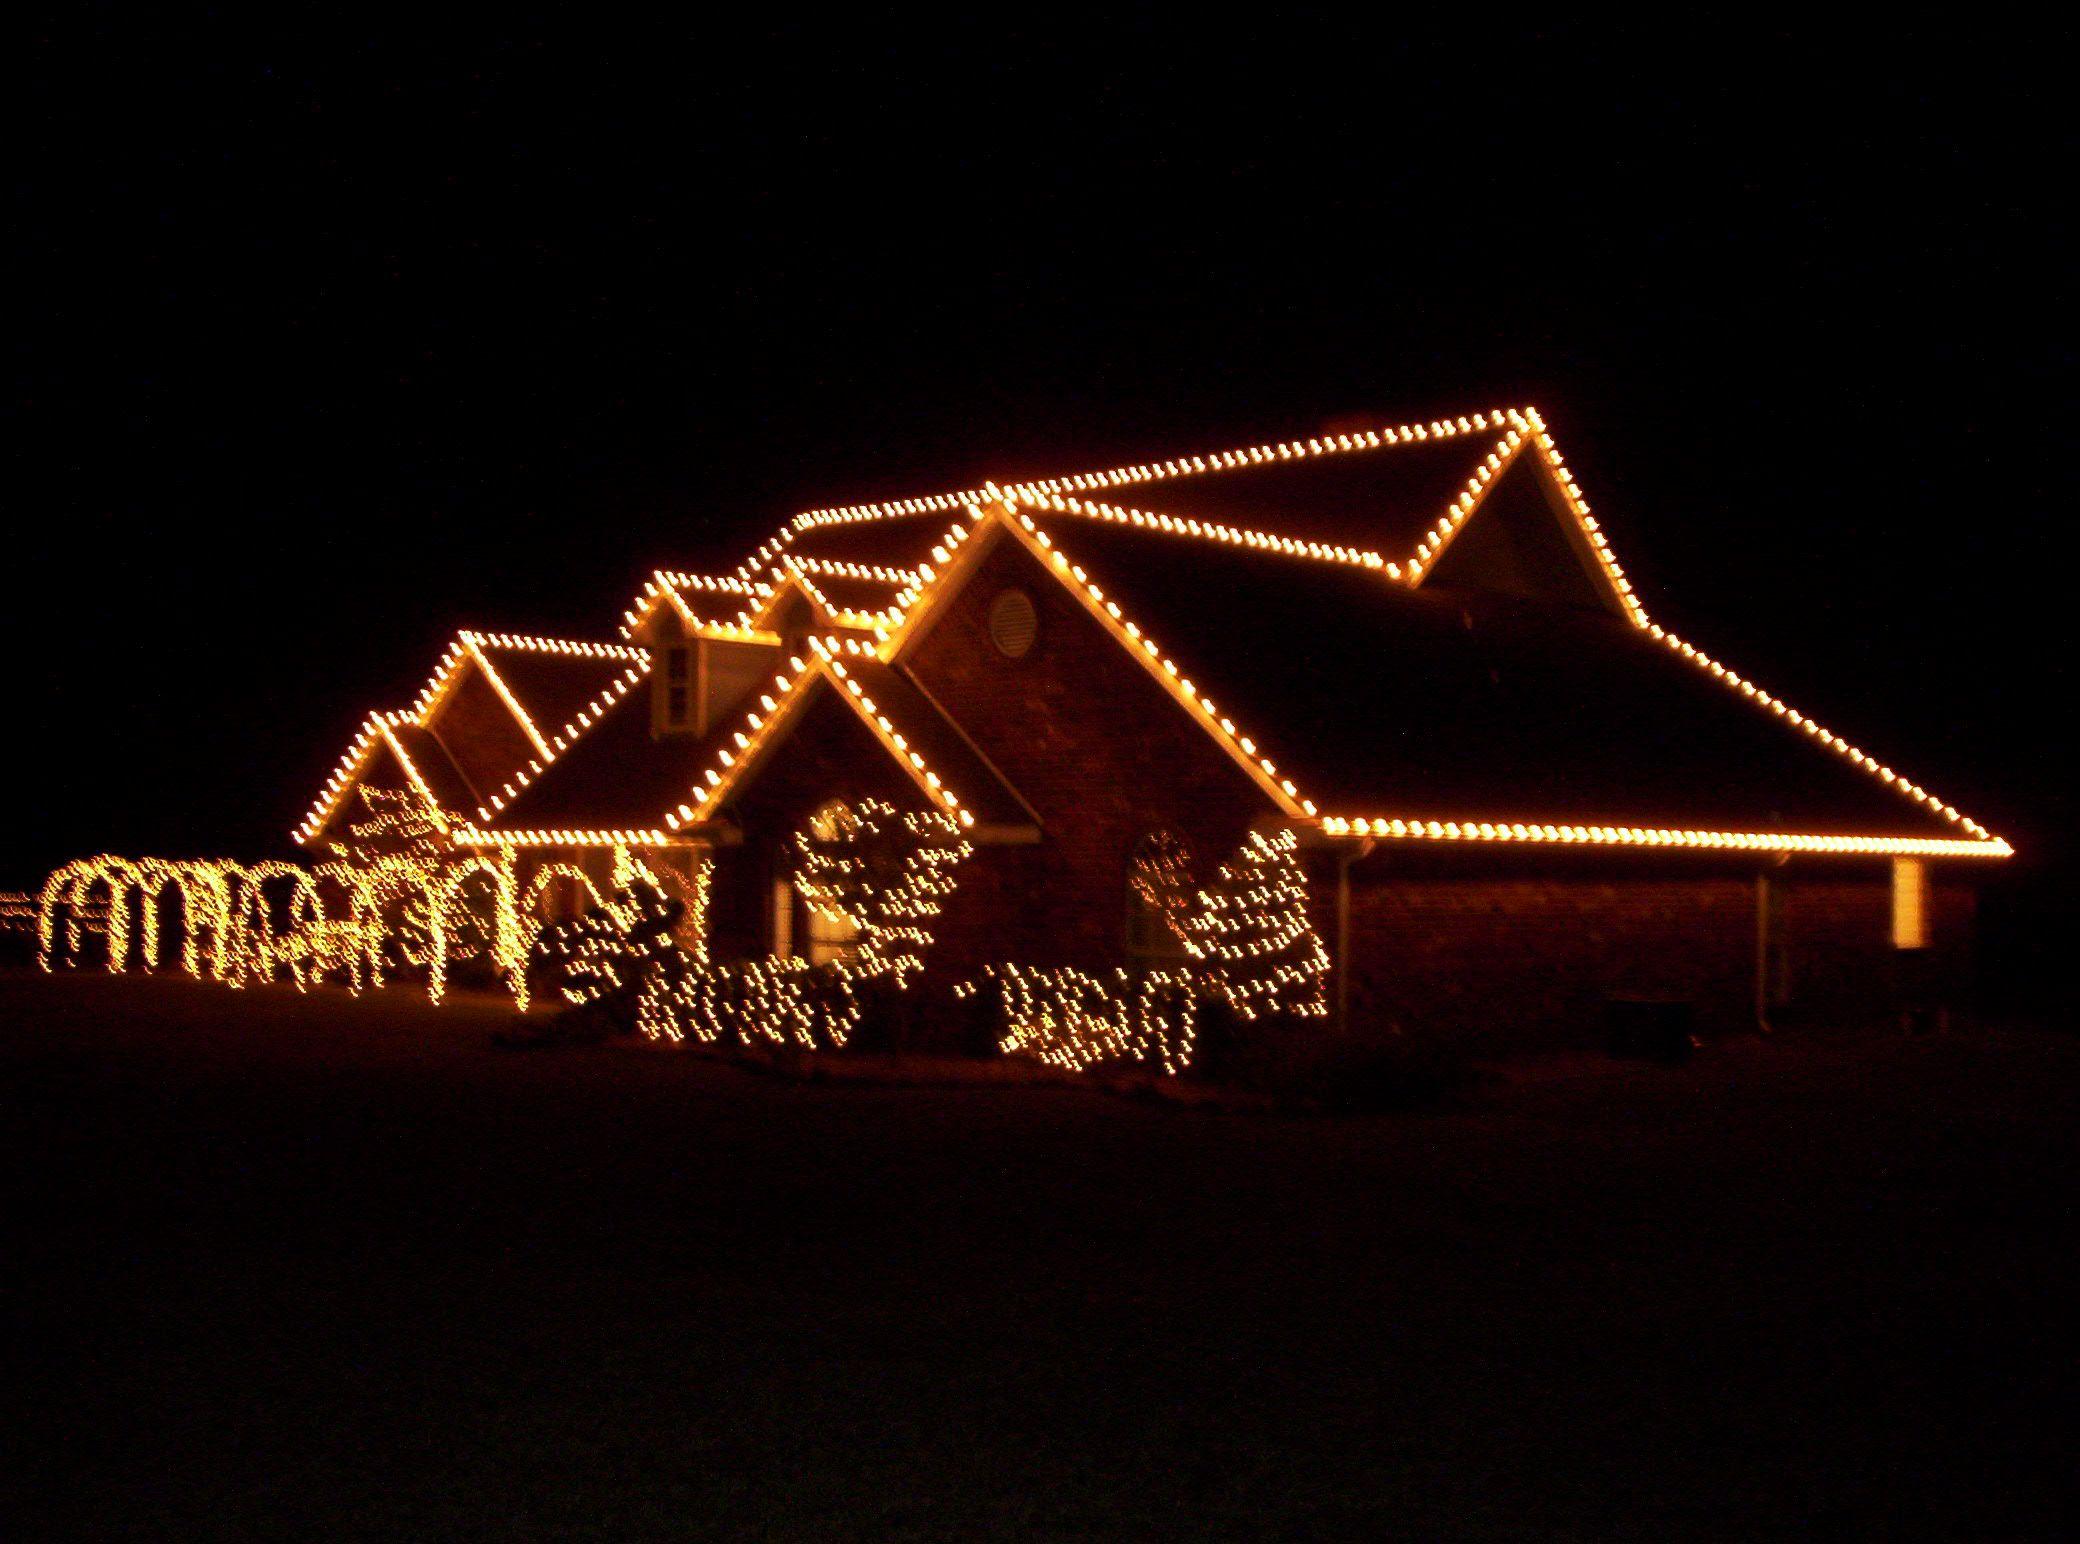 Christmas lights on houses christmas lighting handyman matters christmas lights on houses christmas lighting handyman matters fort worth sw aloadofball Choice Image